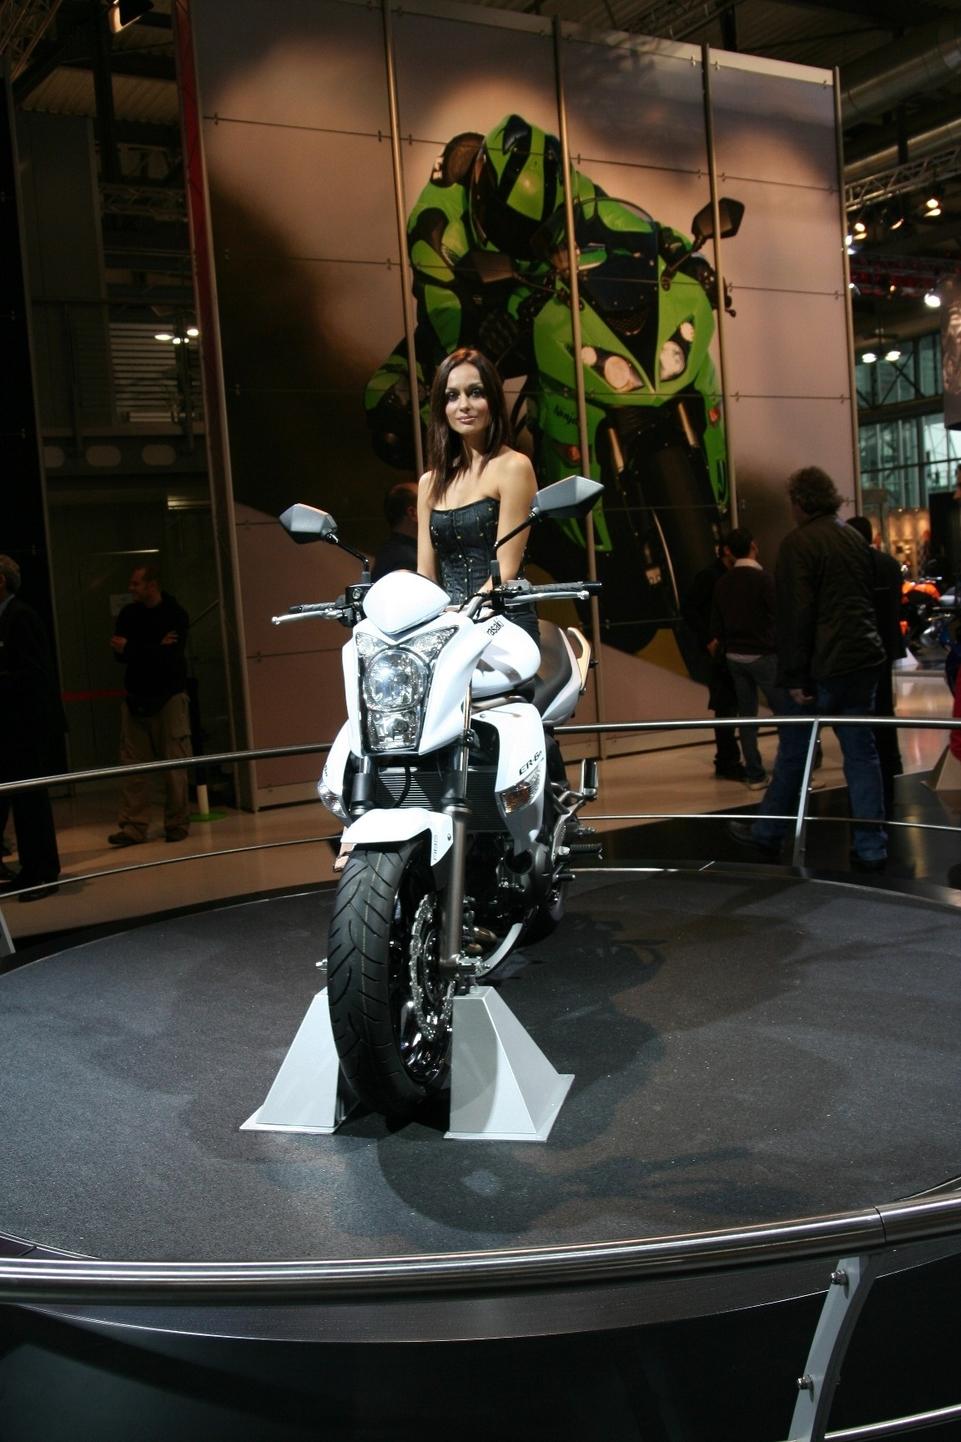 Salon de Milan 2008 en direct : toute la gamme Kawasaki